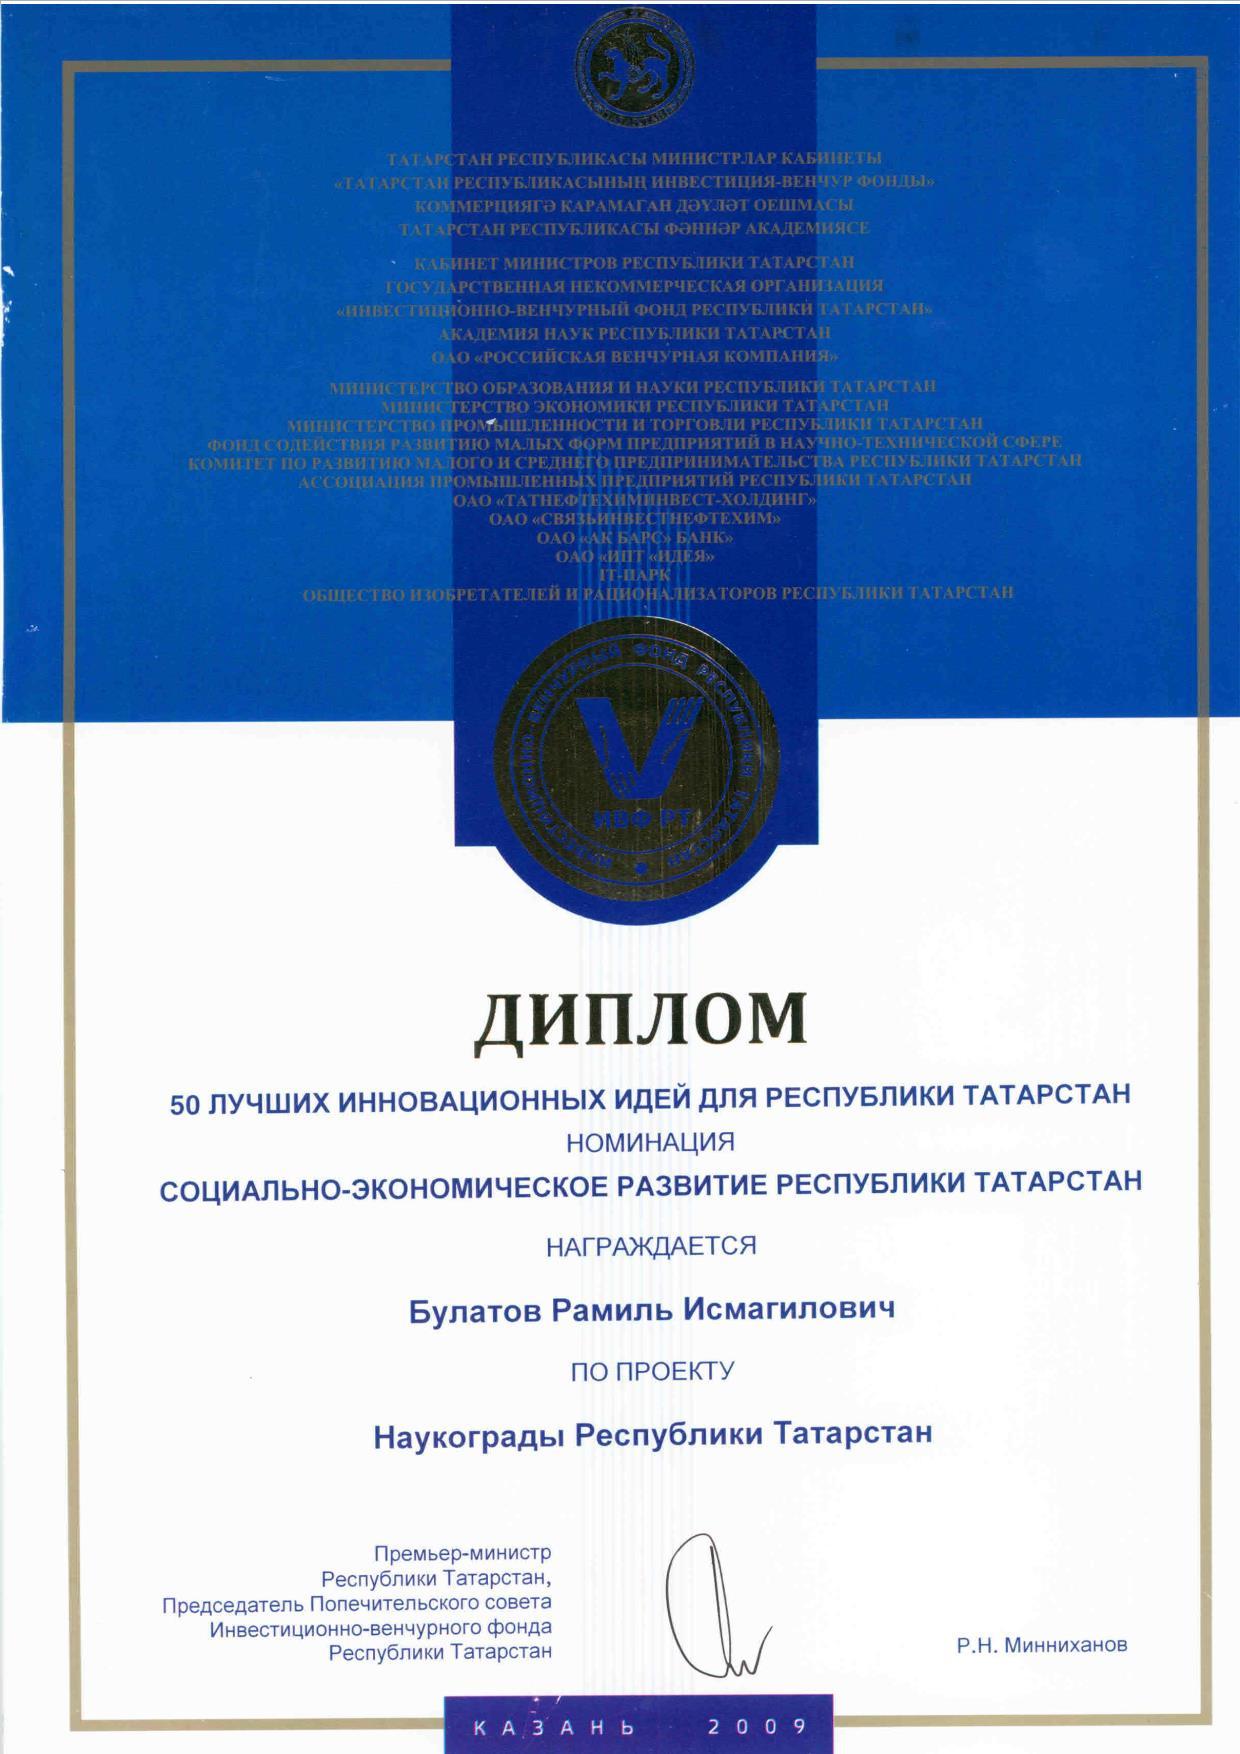 Отделение банк татарстан 8610 пао сбербанк реквизиты